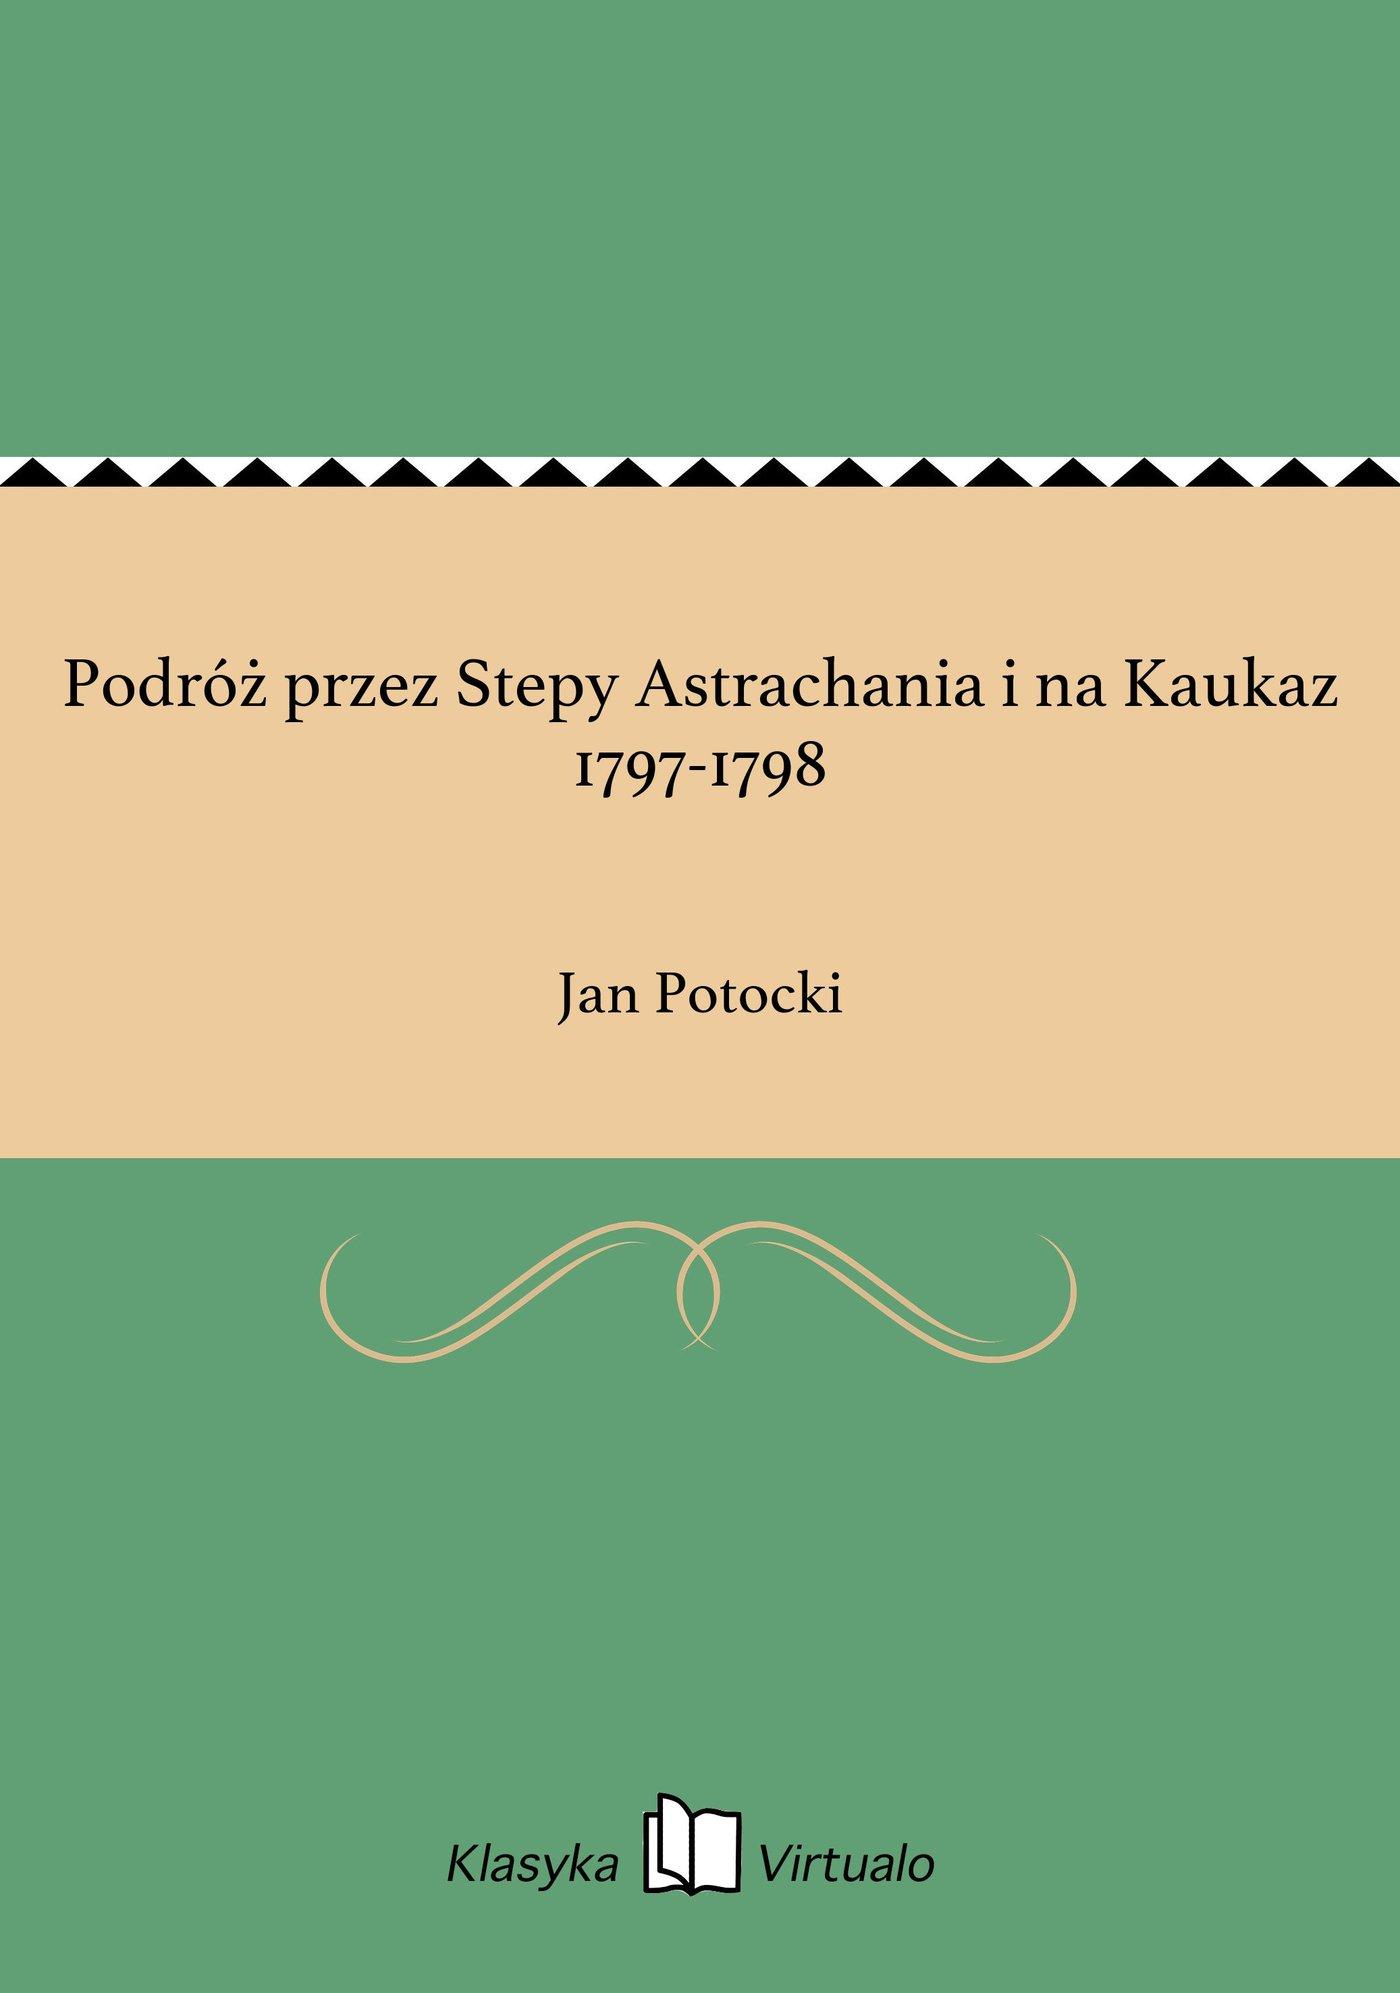 Podróż przez Stepy Astrachania i na Kaukaz 1797-1798 - Ebook (Książka EPUB) do pobrania w formacie EPUB